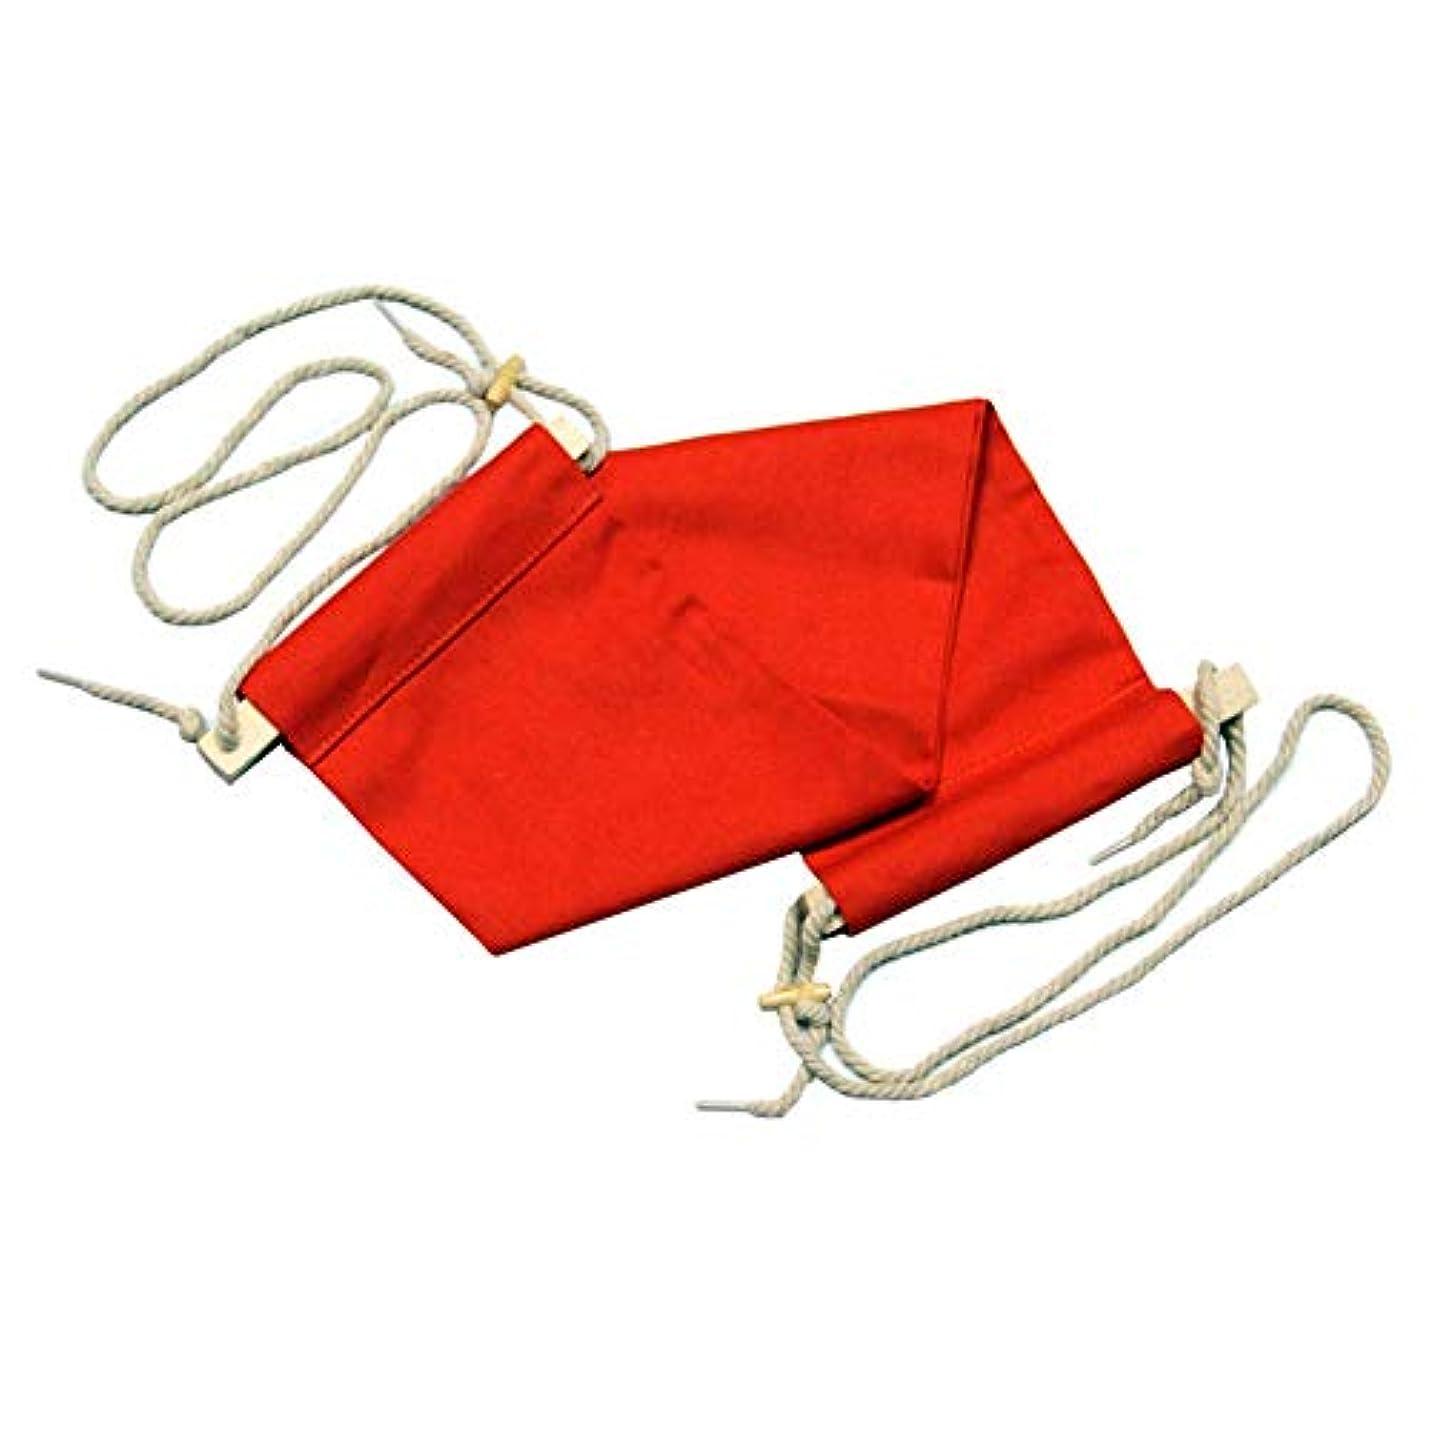 経営者コンサルタント教室(Navy/Green/Orange) - FUUT - Put your foot up on the hammock under the desk comfortable for Your foot Colour in...